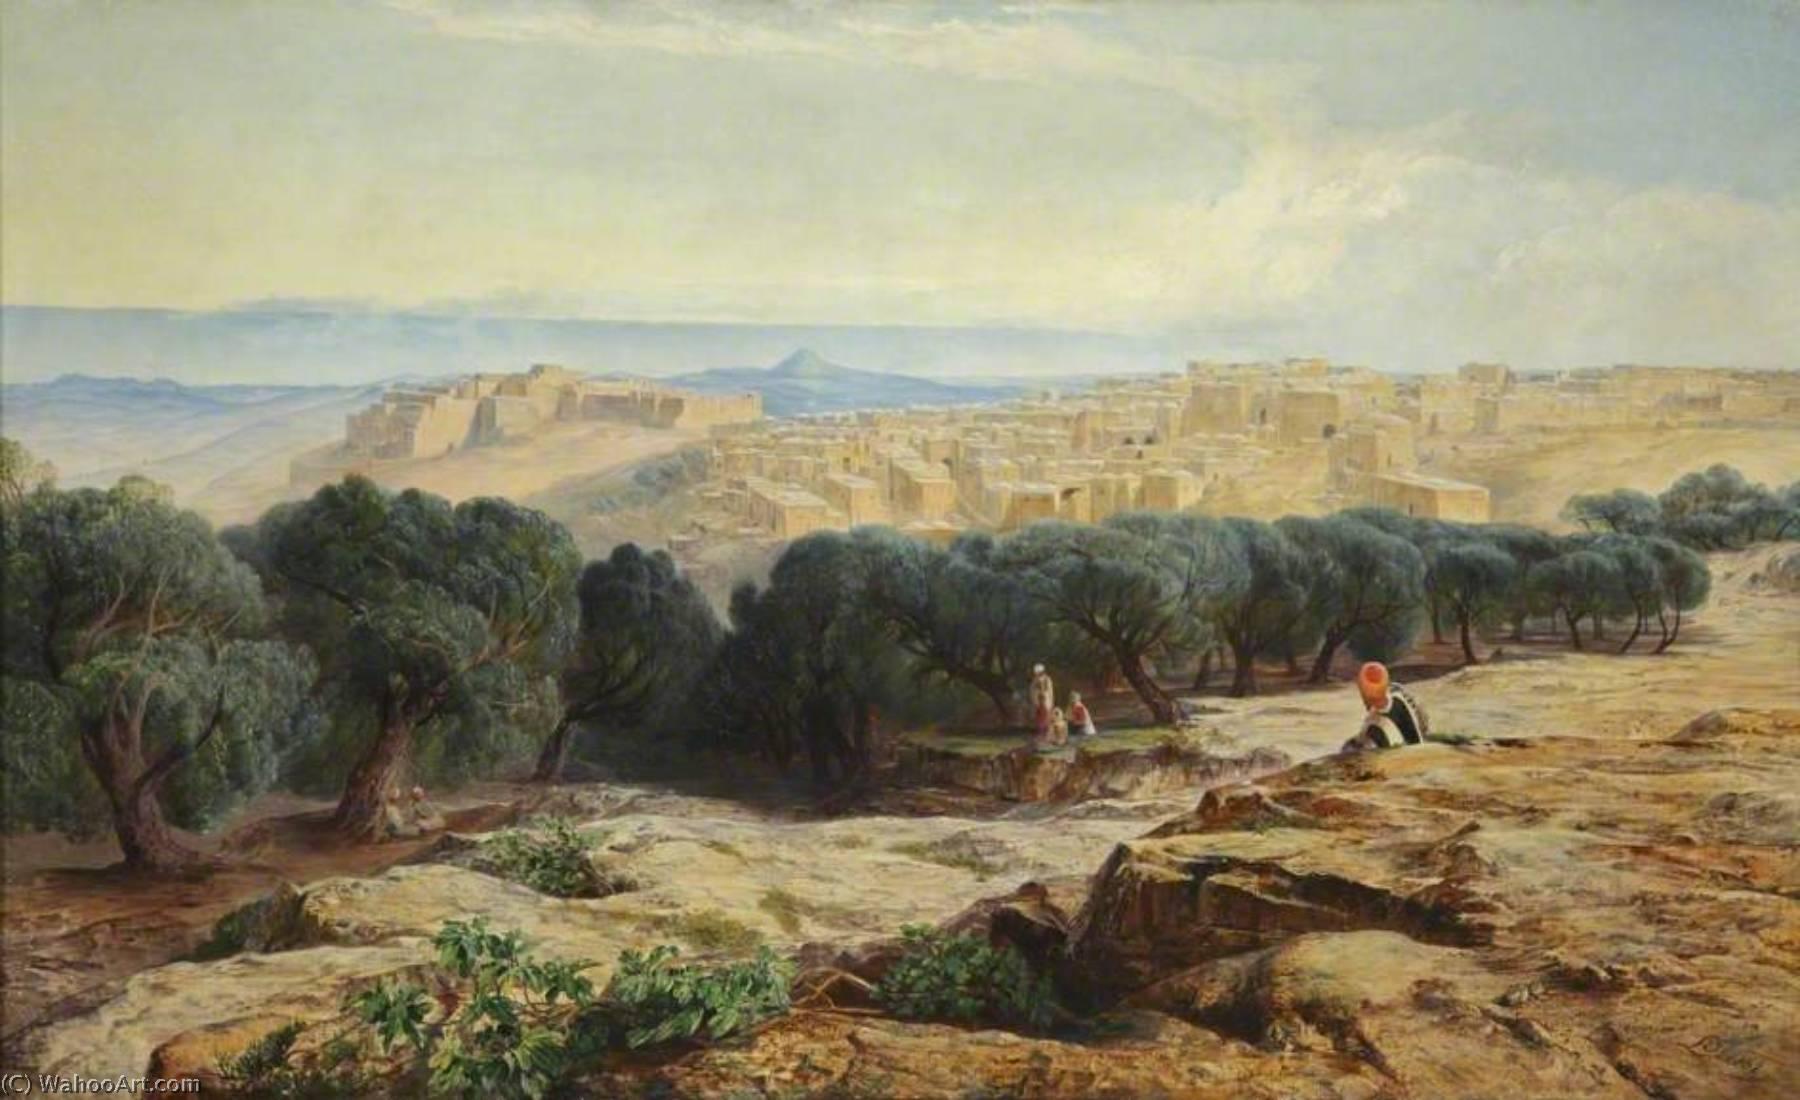 WikiOO.org - Enciclopedia of Fine Arts - Pictura, lucrări de artă Edward Lear - Bethlehem